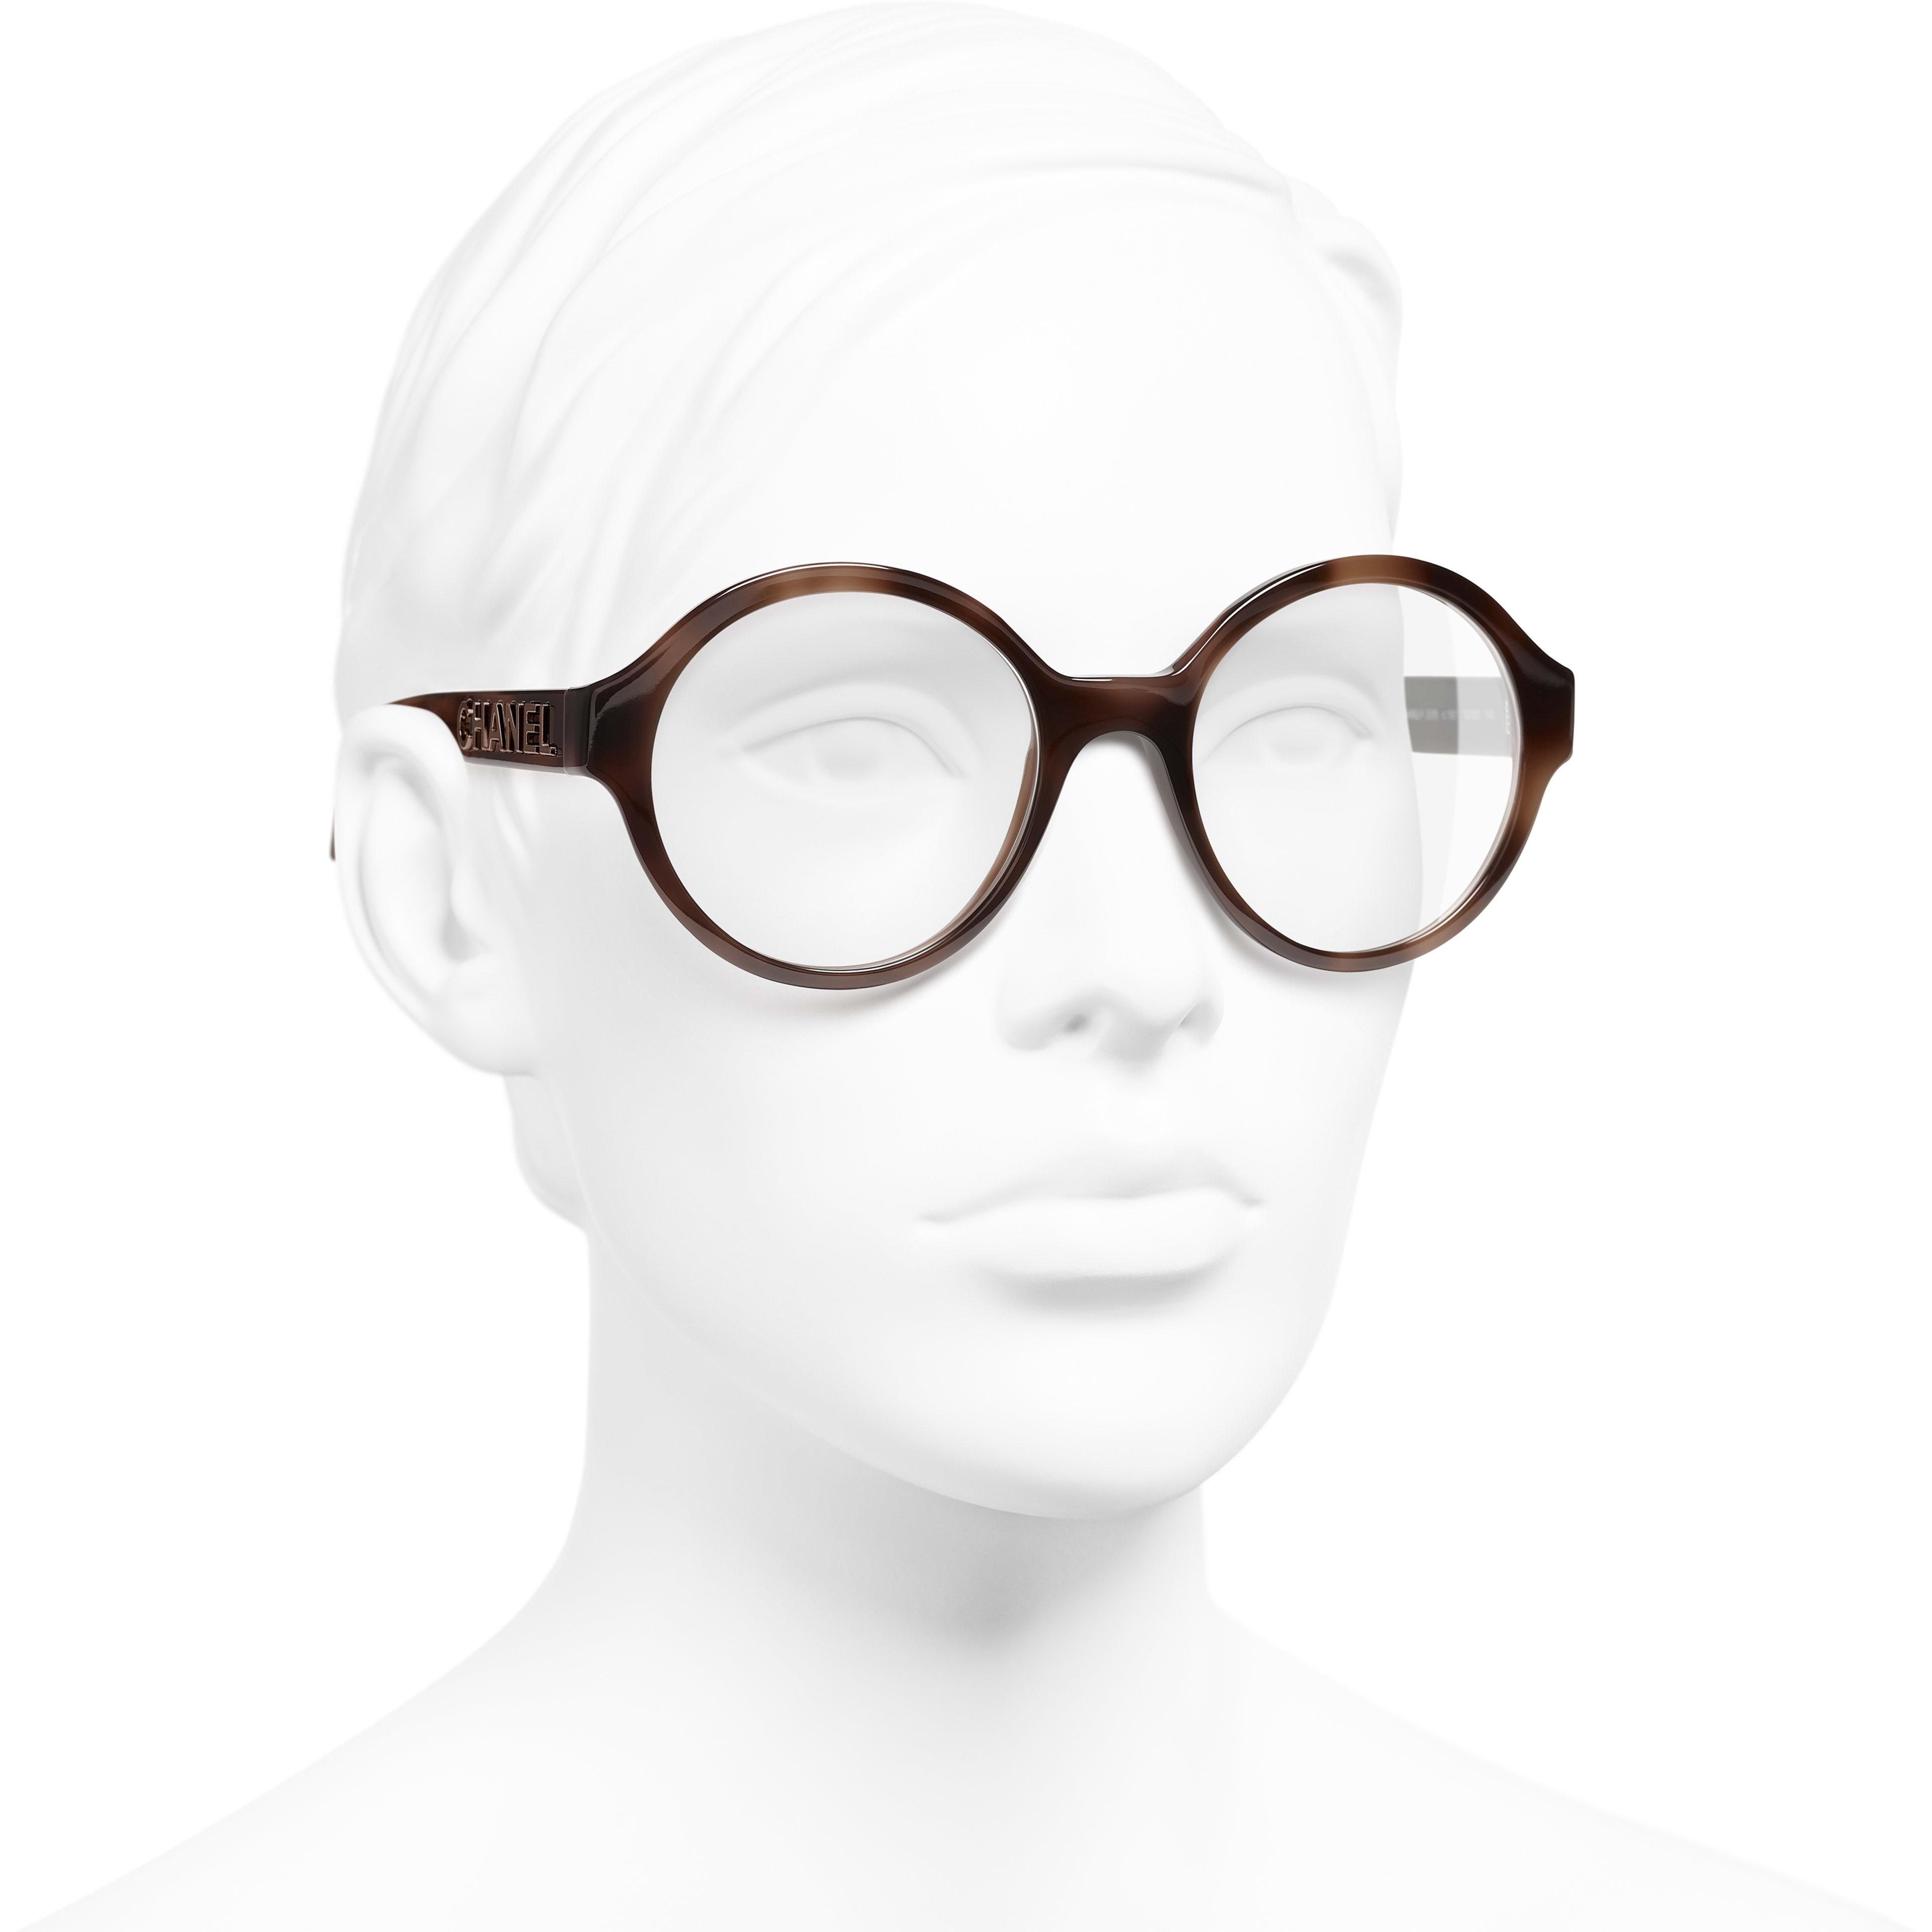 แว่นสายตาทรงกลม - สีน้ำตาล - อะซิเตท - มุมมองการสวมใส่ 3/4 - ดูเวอร์ชันขนาดมาตรฐาน